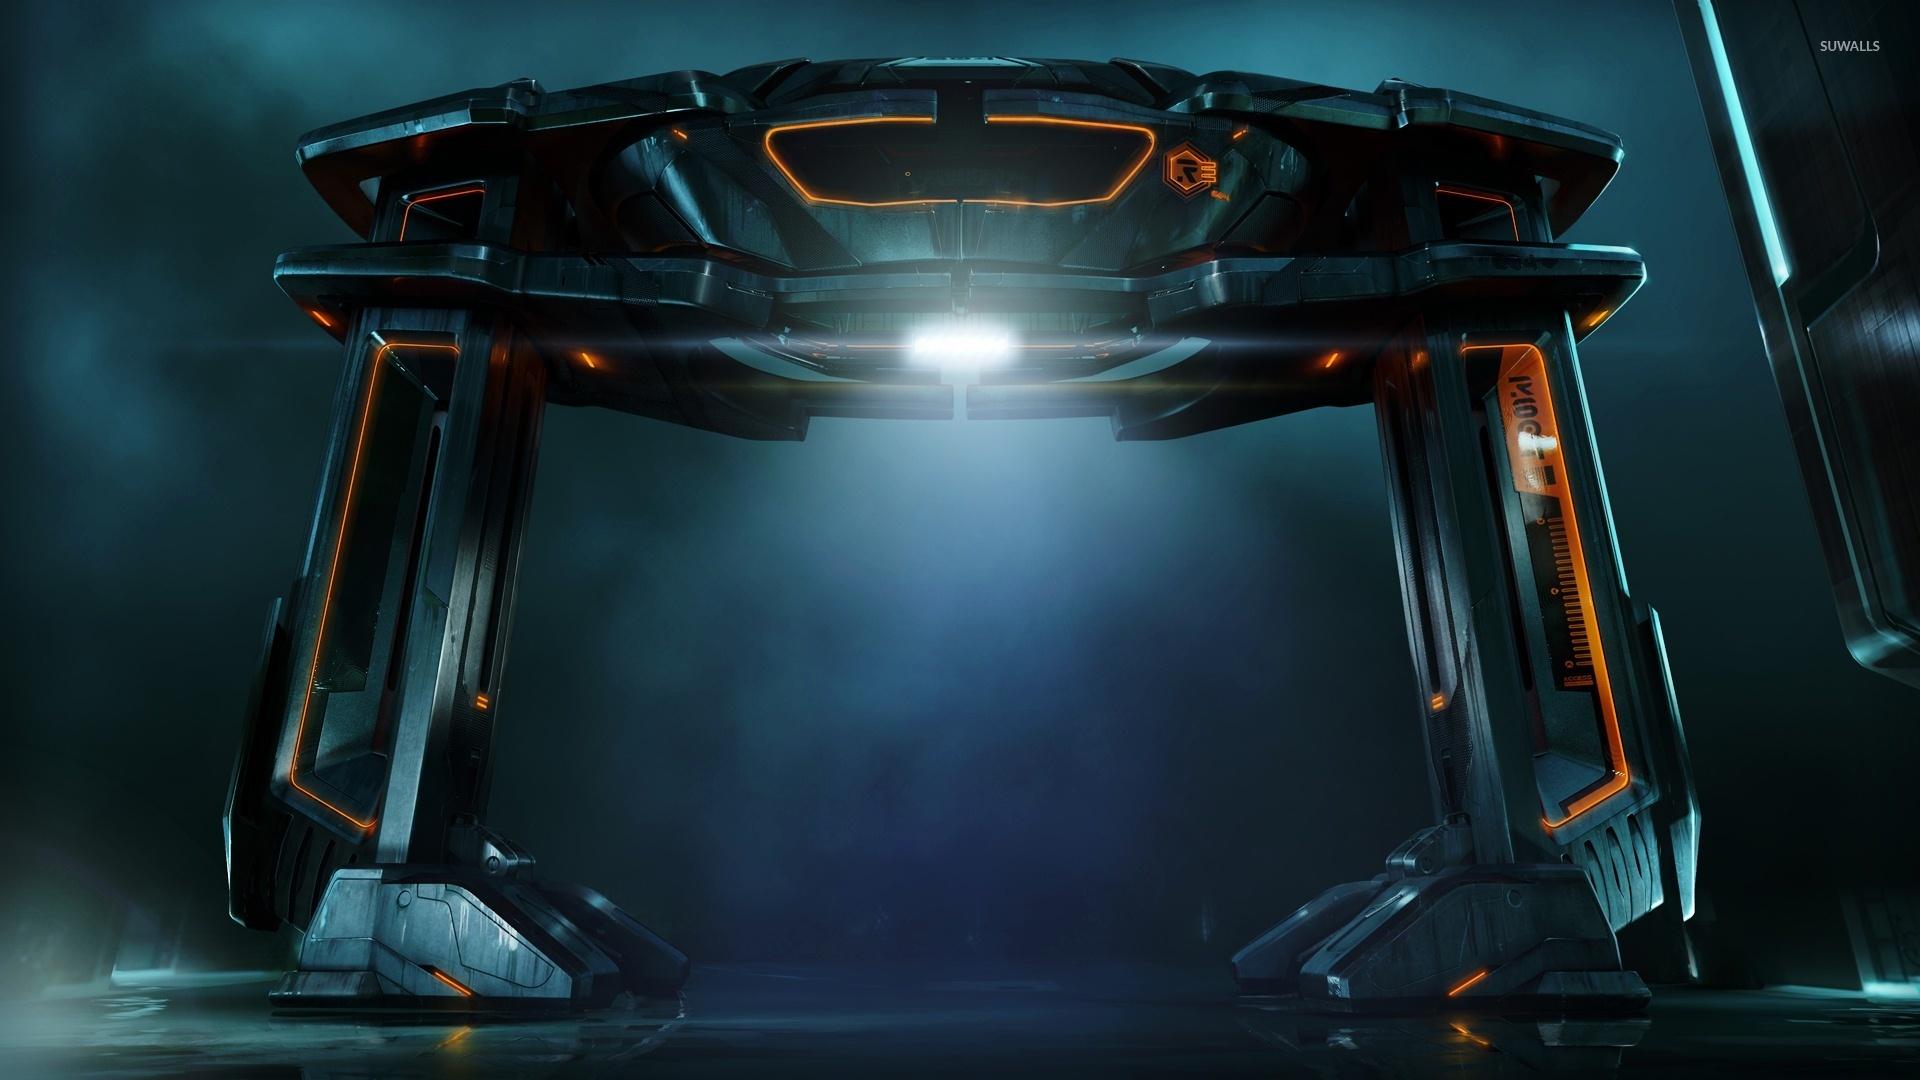 Tron: Legacy ship wallpaper